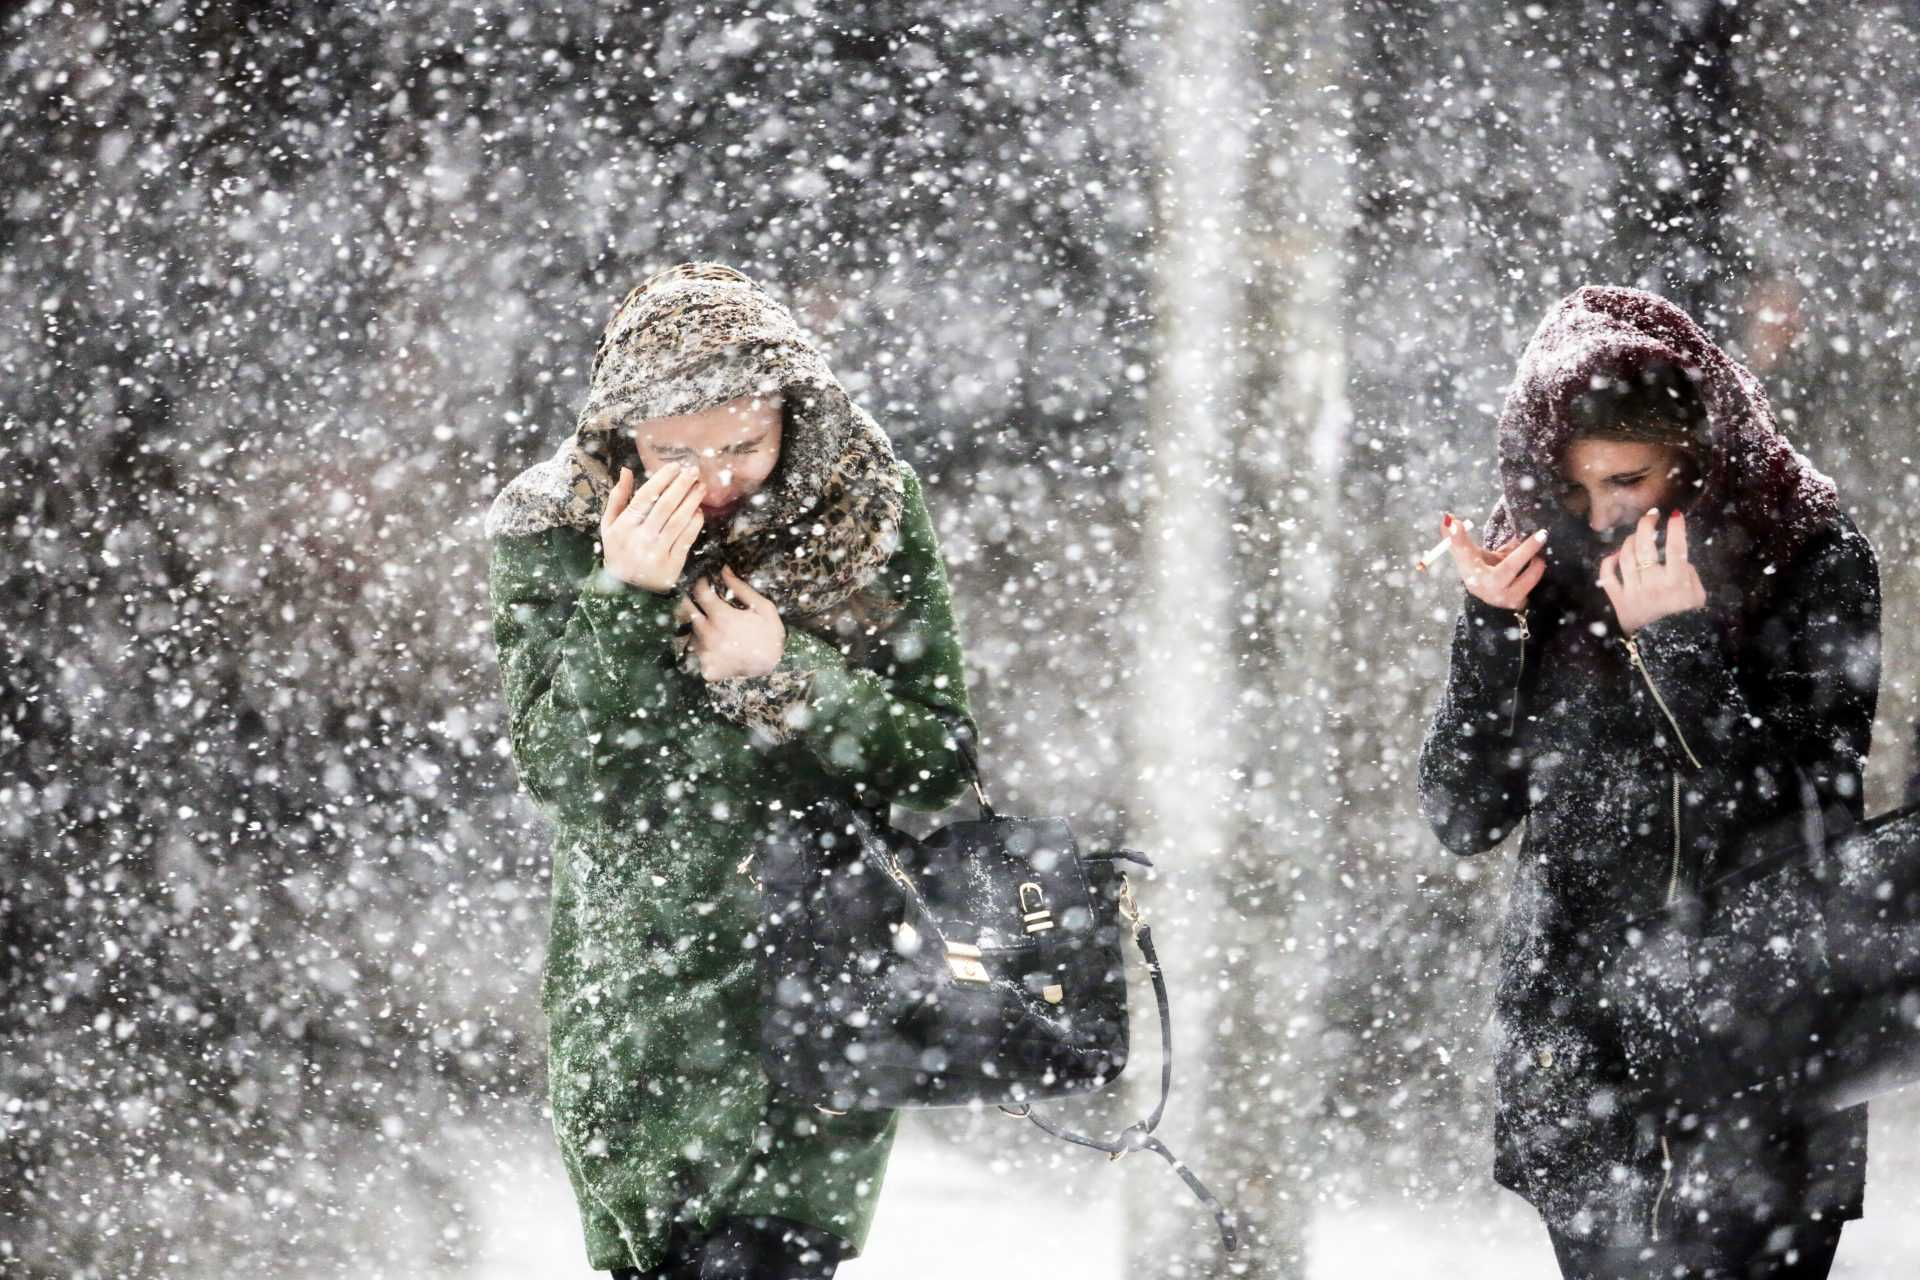 Погода в Саратовской области на сегодня - среда 13 января 2021 года